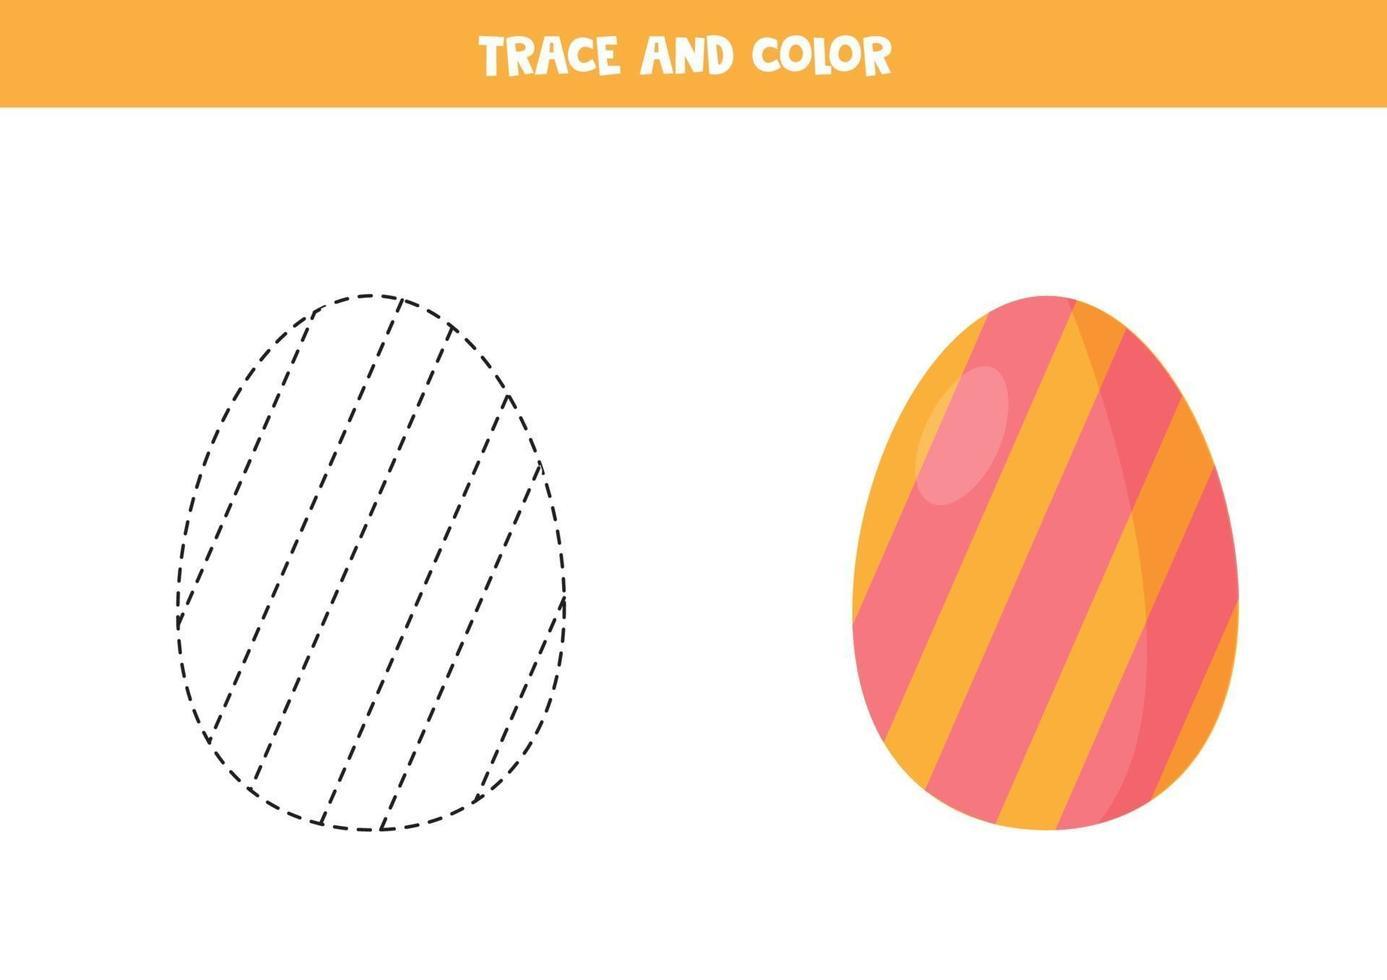 Huevo de Pascua de dibujos animados de rastreo y color. hoja de trabajo divertida para pascua. vector